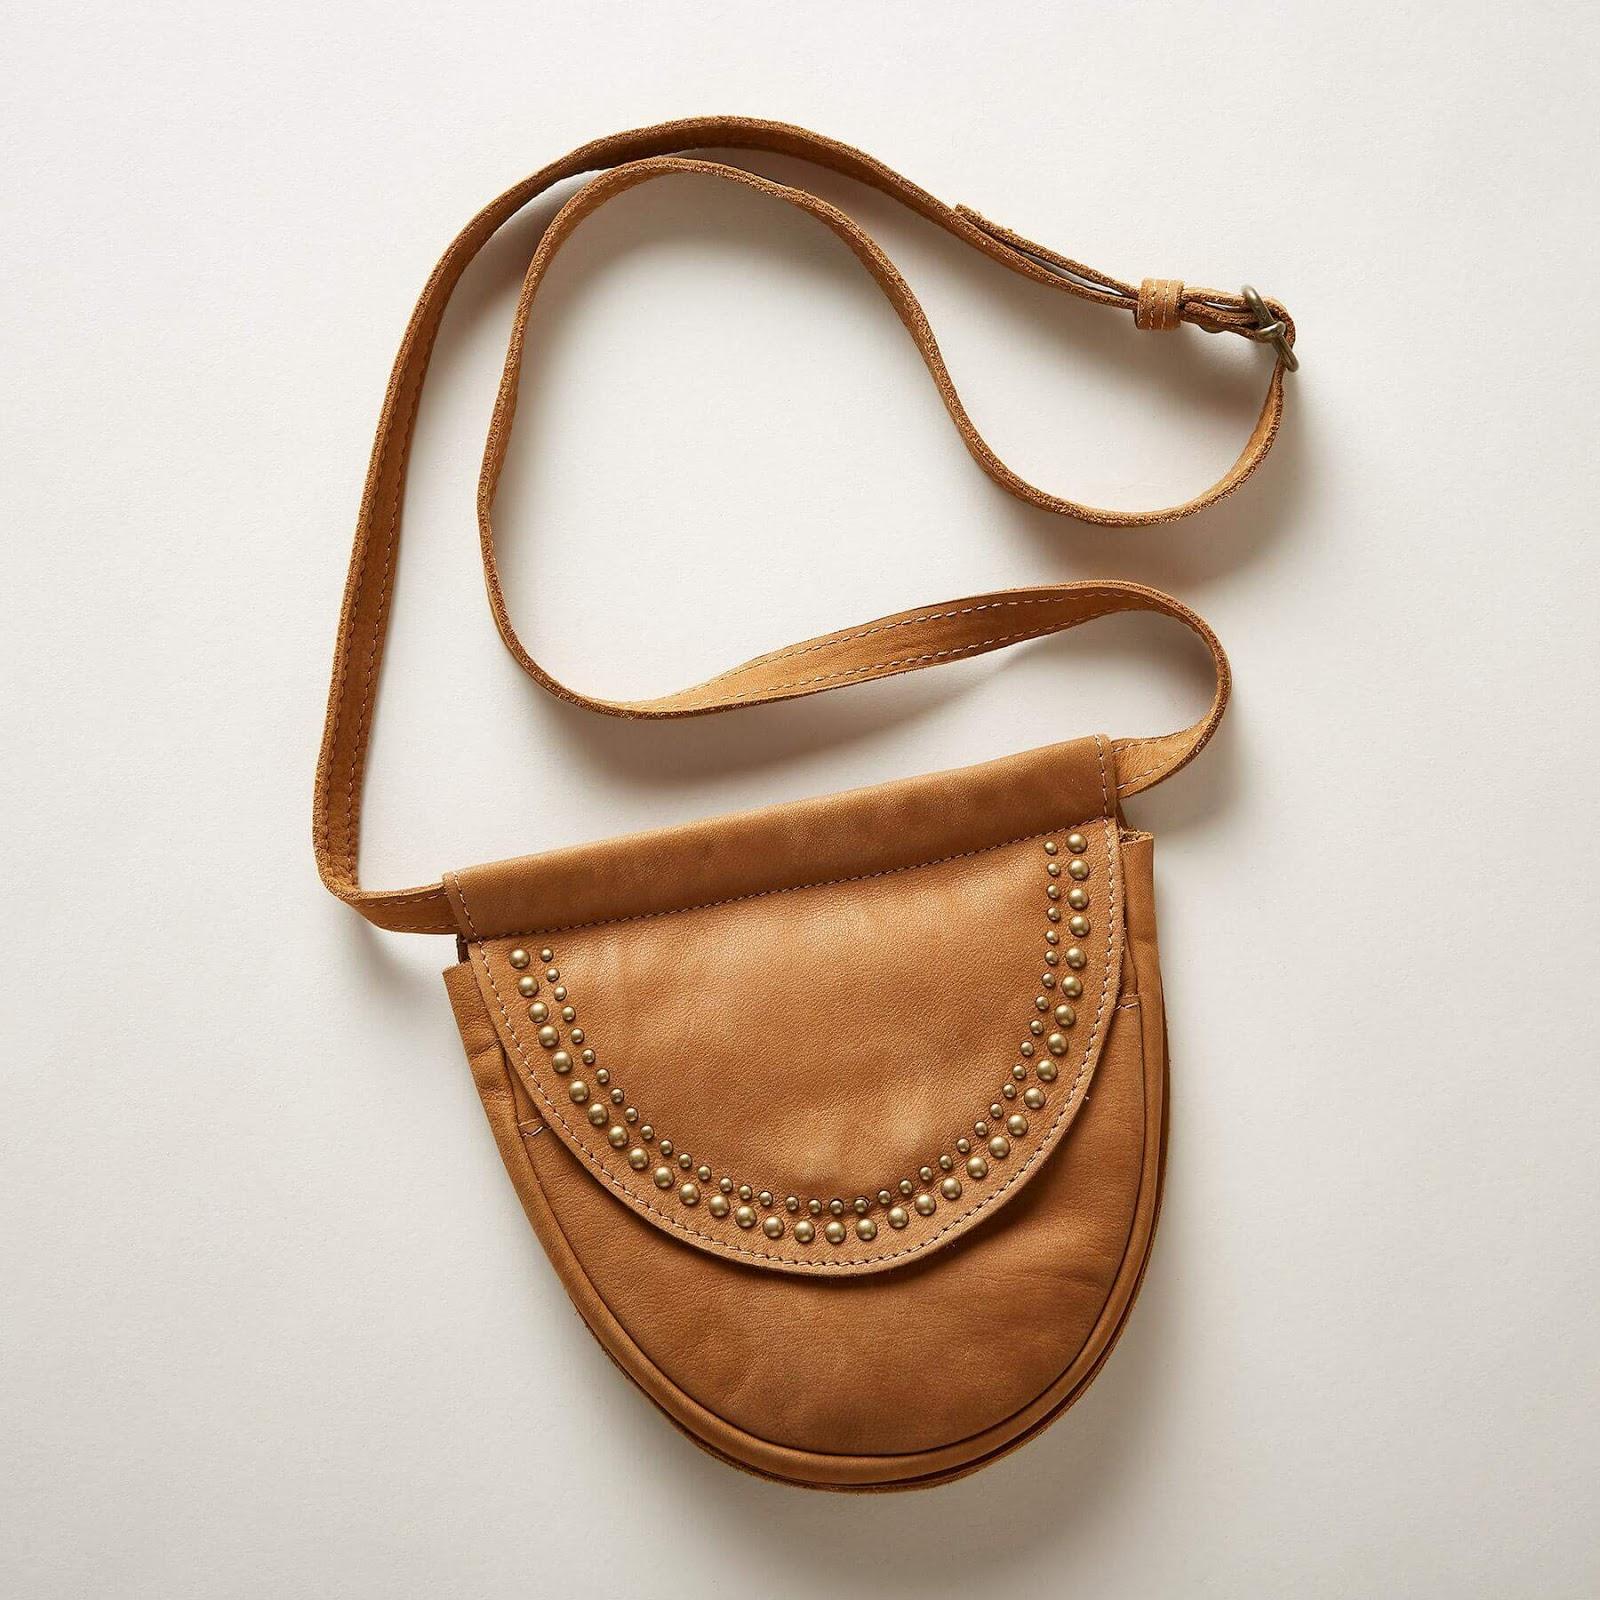 The Wandering Spirit Belt Bag - a nice leather hip bag.